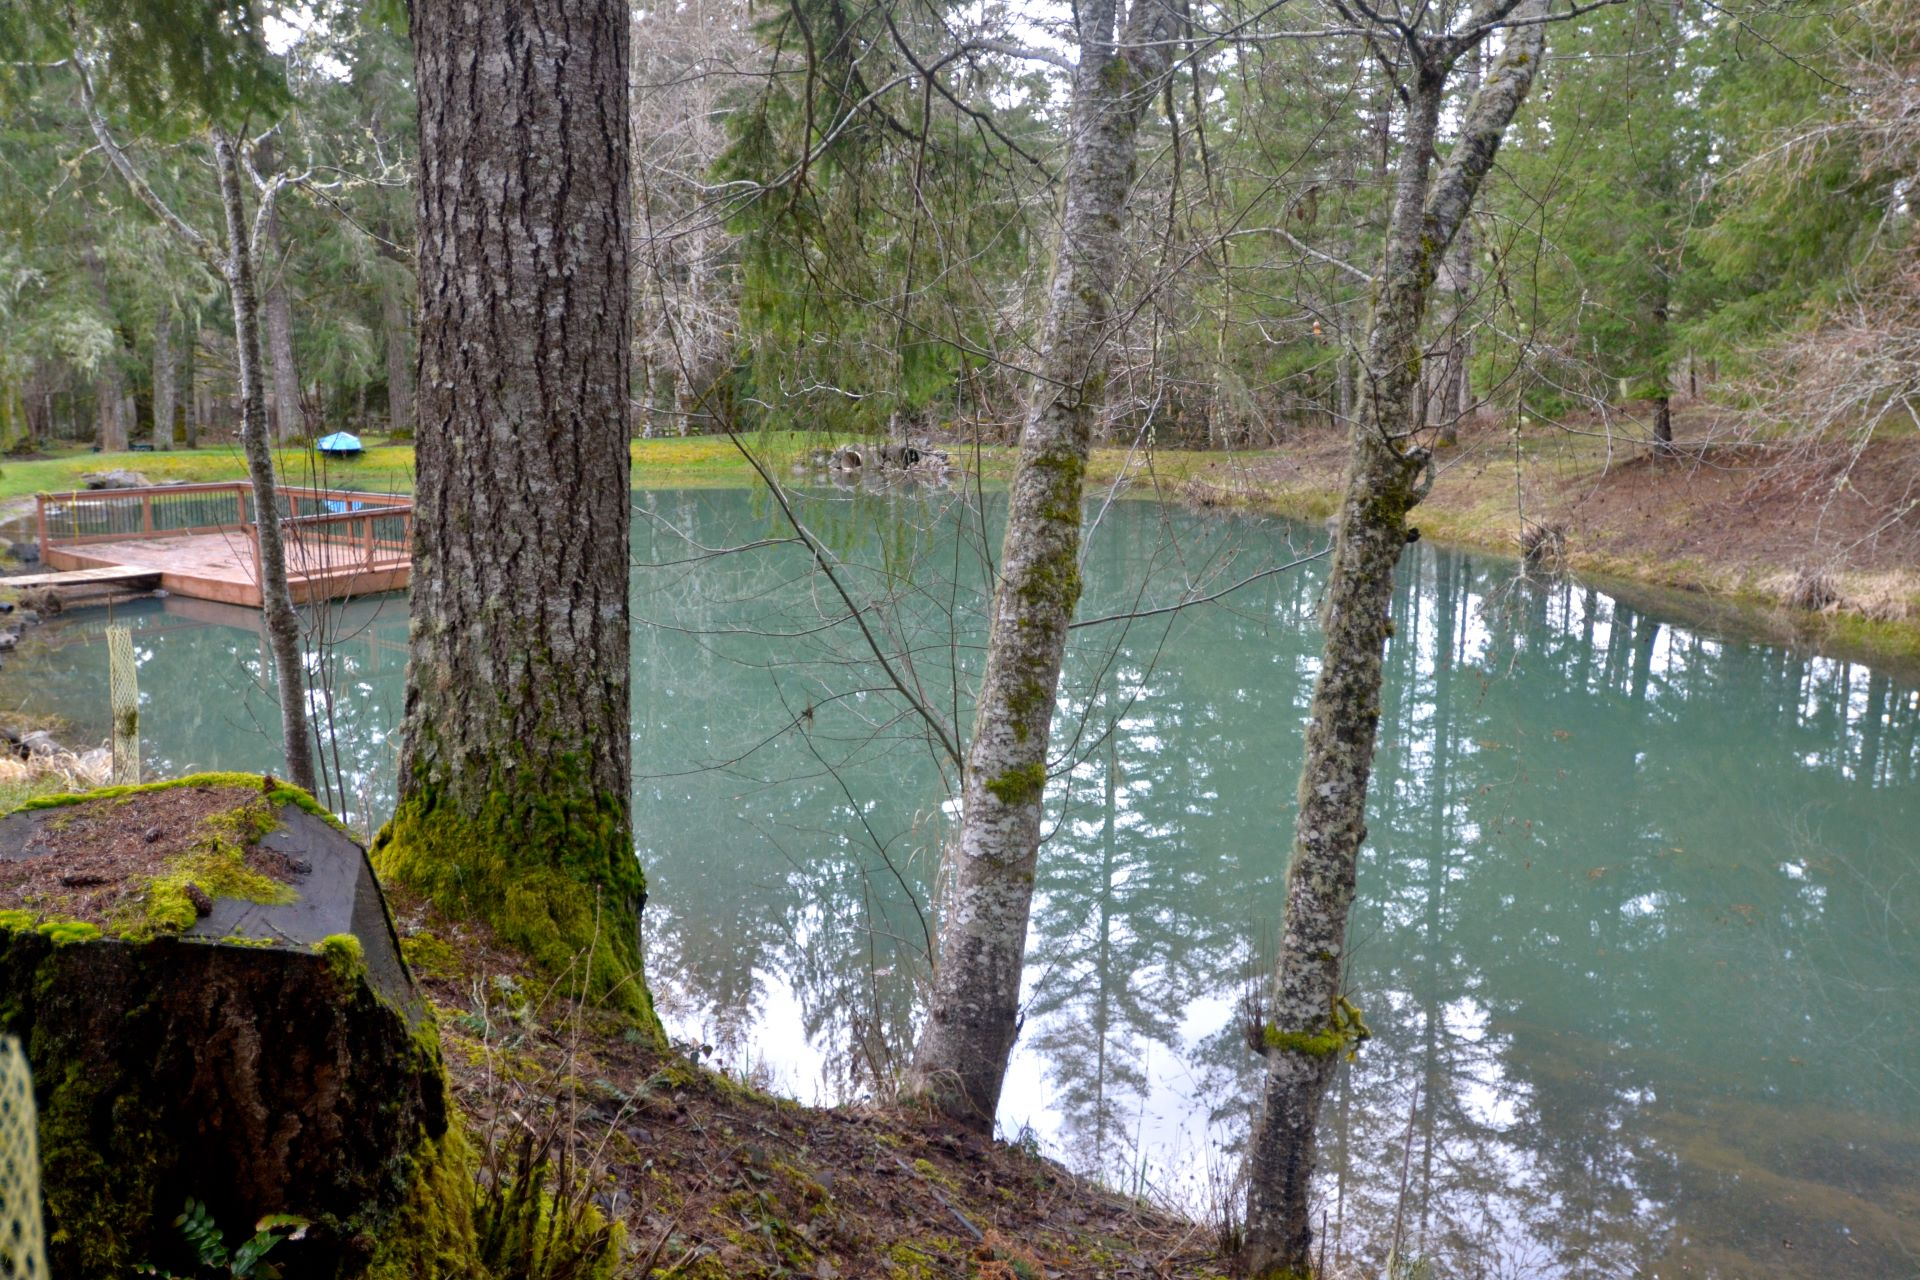 Vernonia Springs receives private park designation